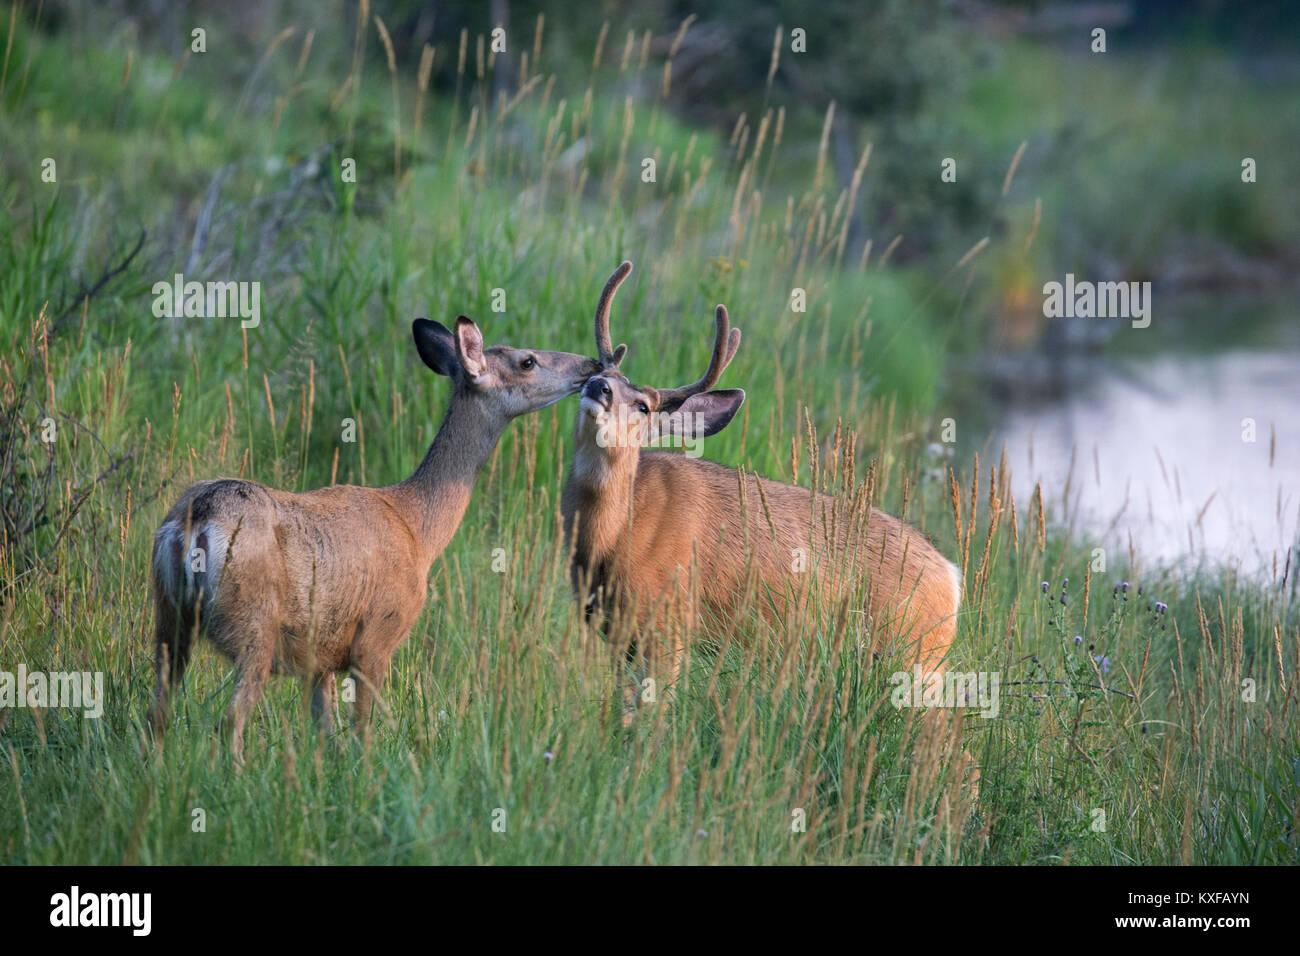 Le Cerf mulet biche et mâle de toucher le nez (Odocoileus hemionus) Photo Stock